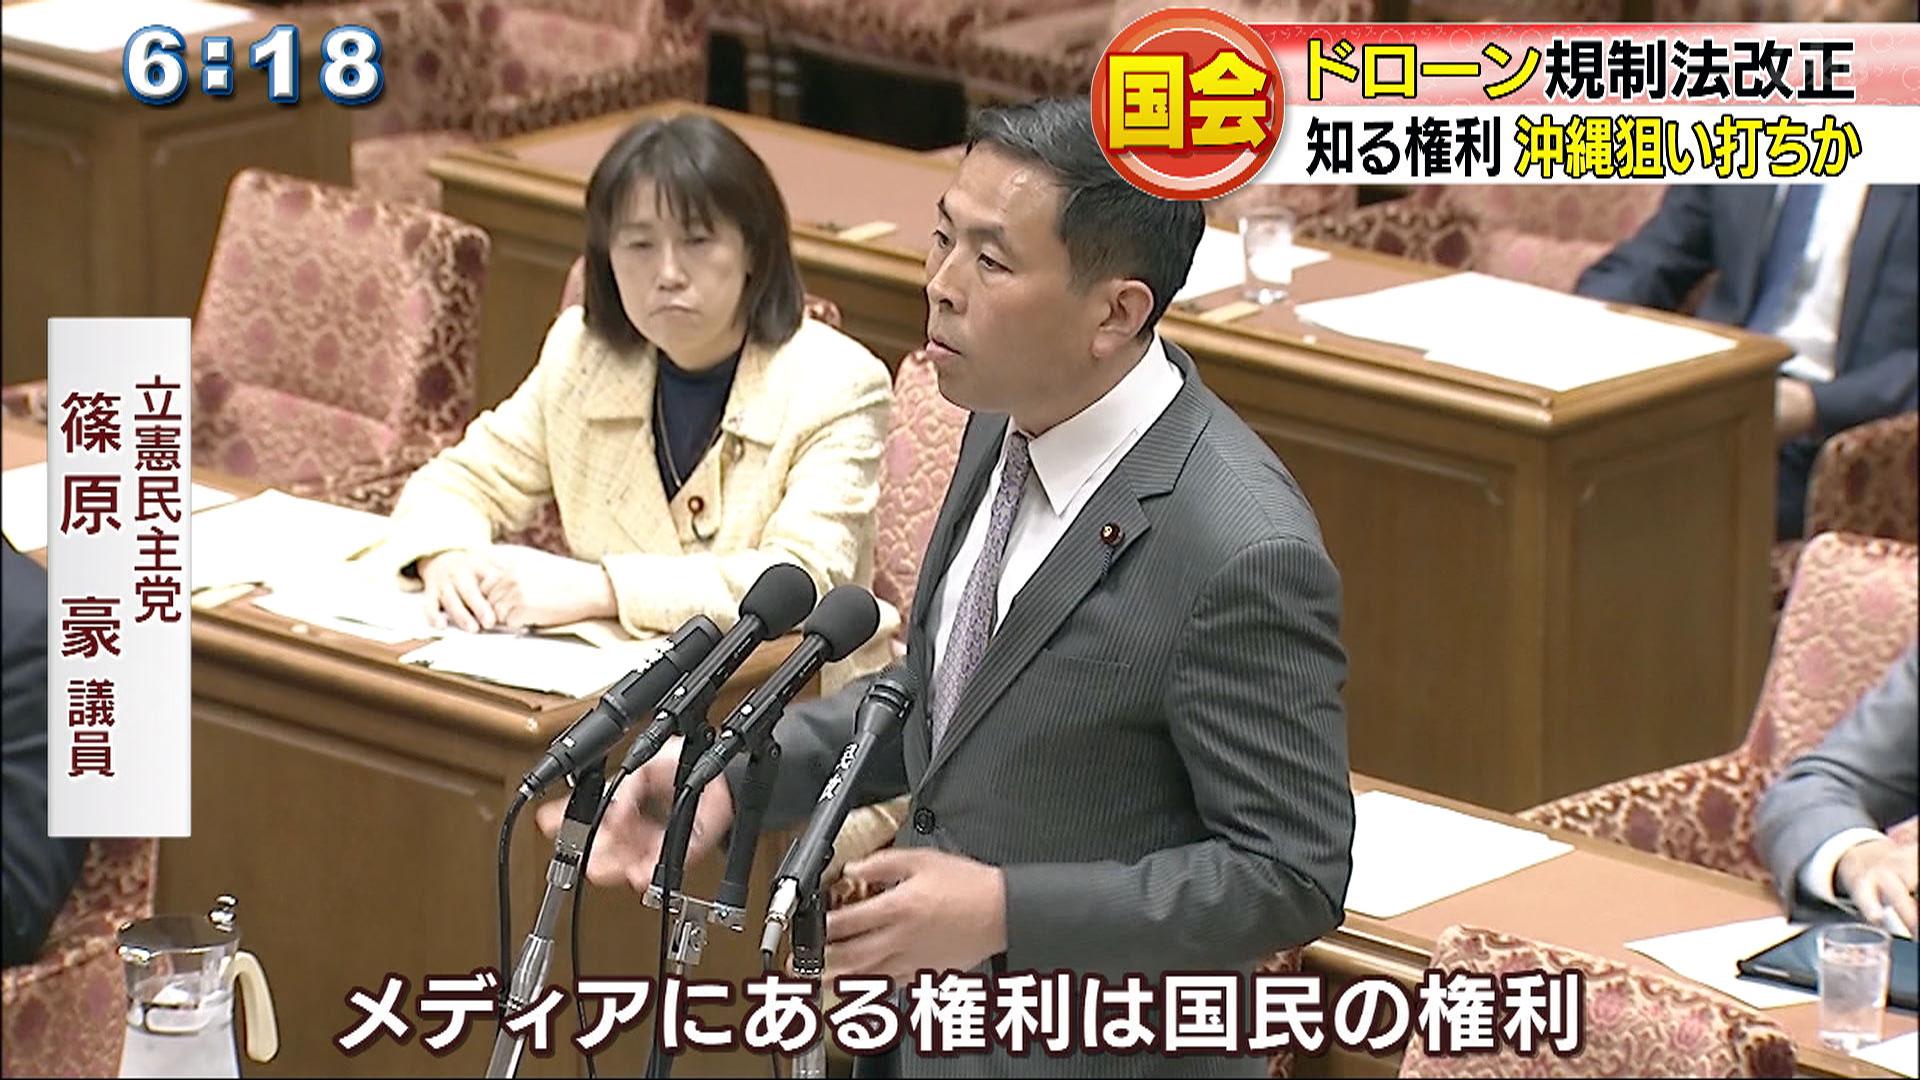 ドローン規制法改正 タイムス阿部さん解説